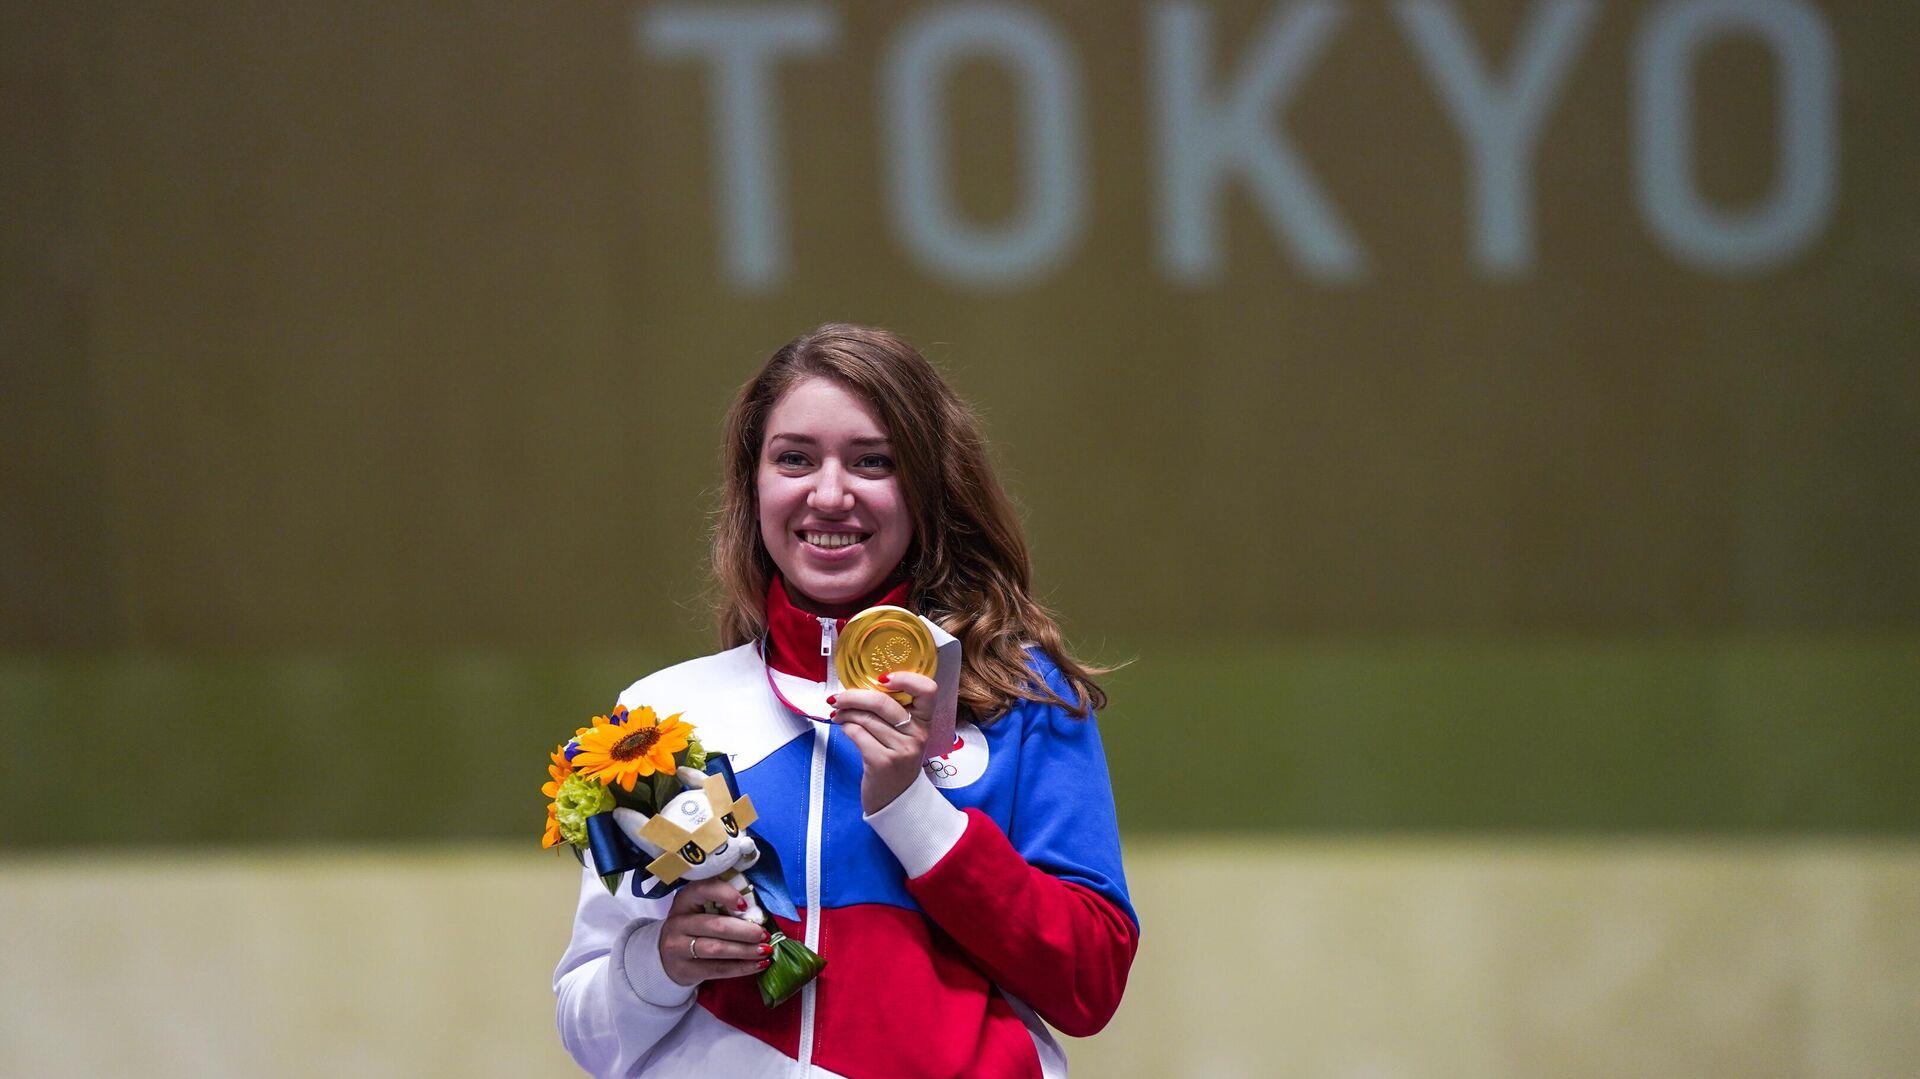 Vitalina Batsarashkina, deportista rusa - Sputnik Mundo, 1920, 30.07.2021